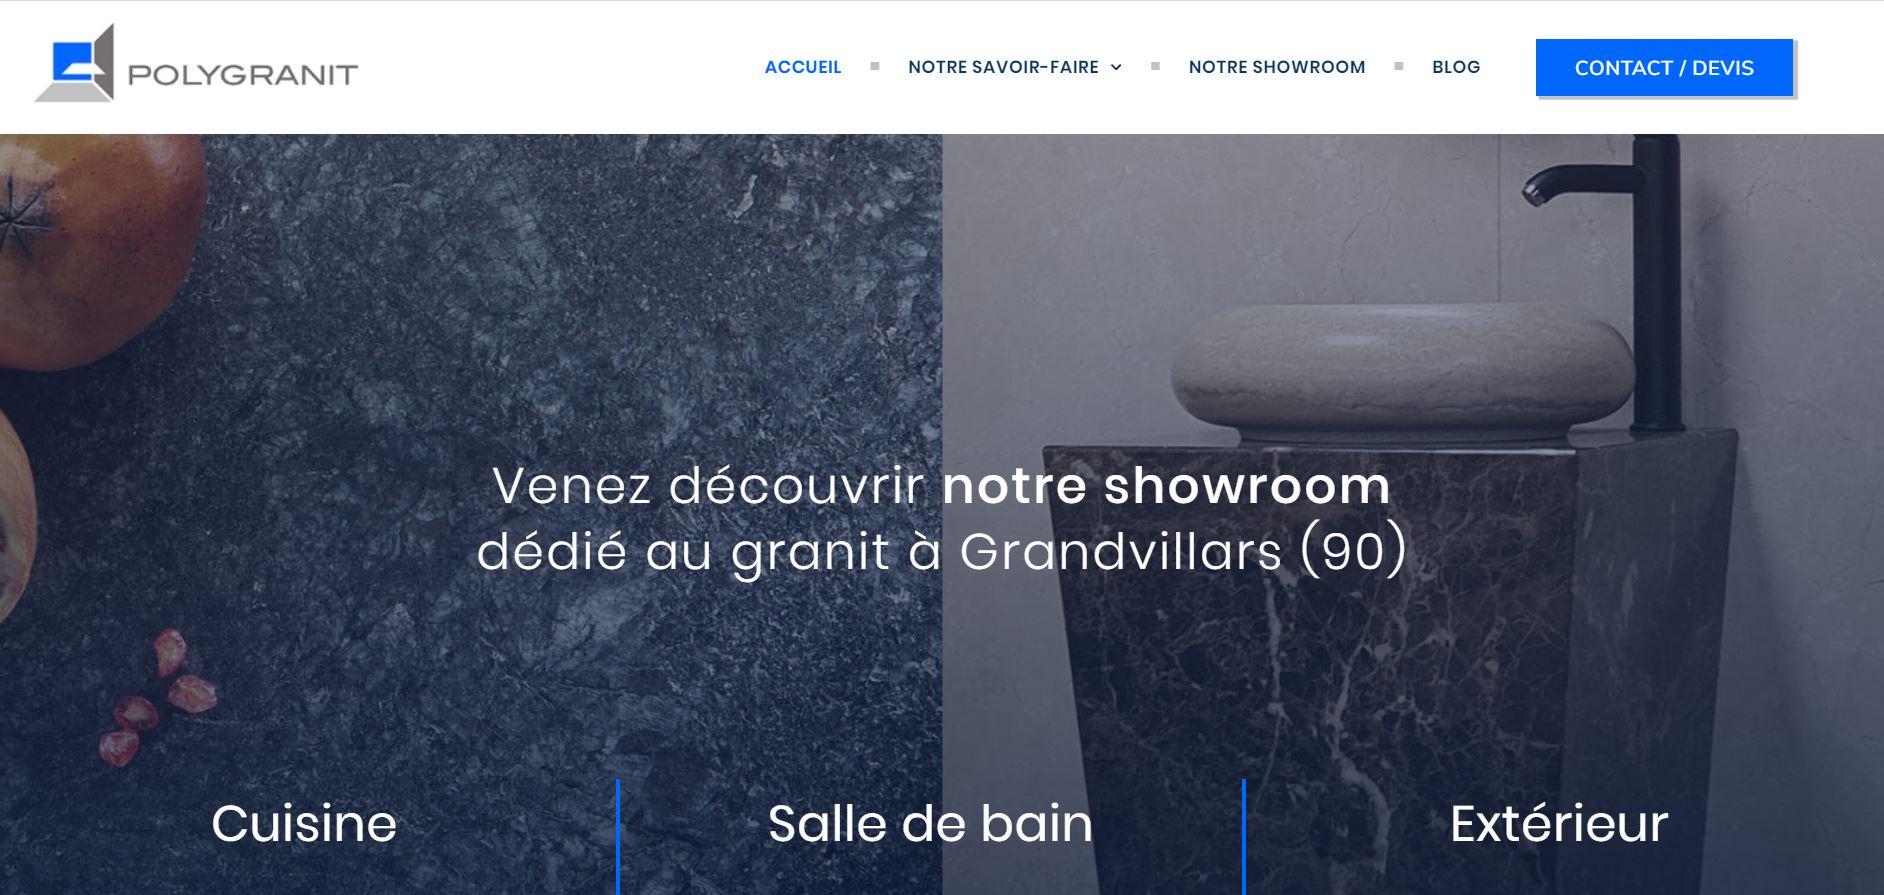 Nouveau site internet - Polygranit